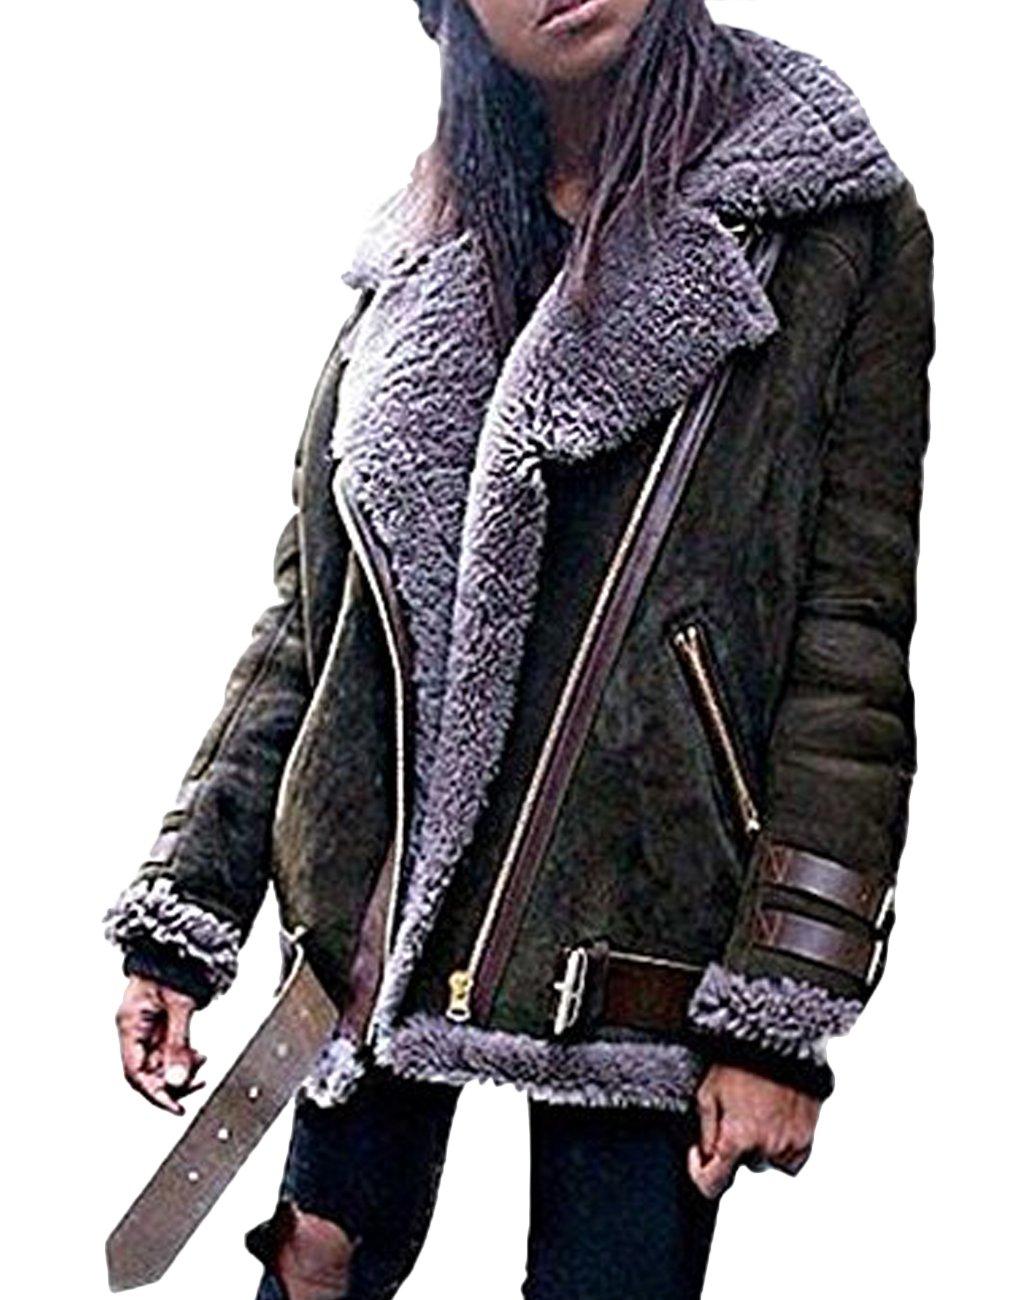 Minetom Femme Hiver Manteau Mode Veste De Motard Chauds Mesdames Veste En Daim Parka Style De Rue Extérieur Coat Jacket QL171201YW-DE01